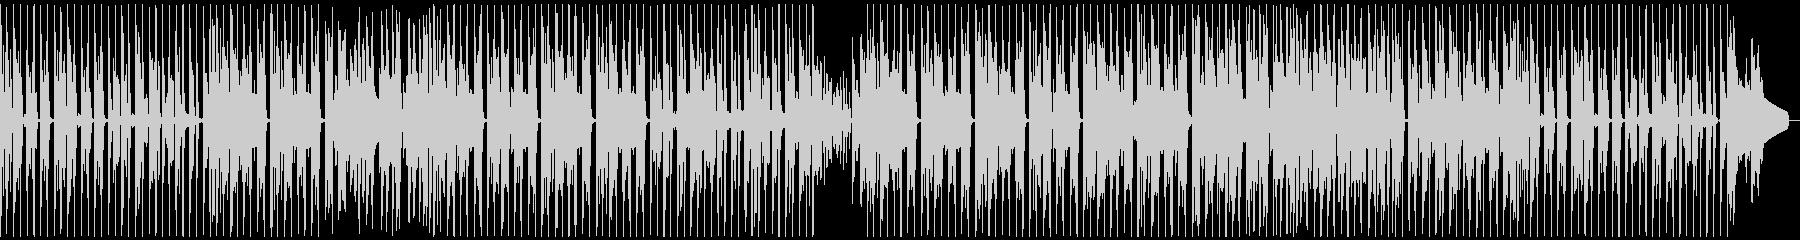 スタイリッシュCM、粋なグルーヴ感の未再生の波形